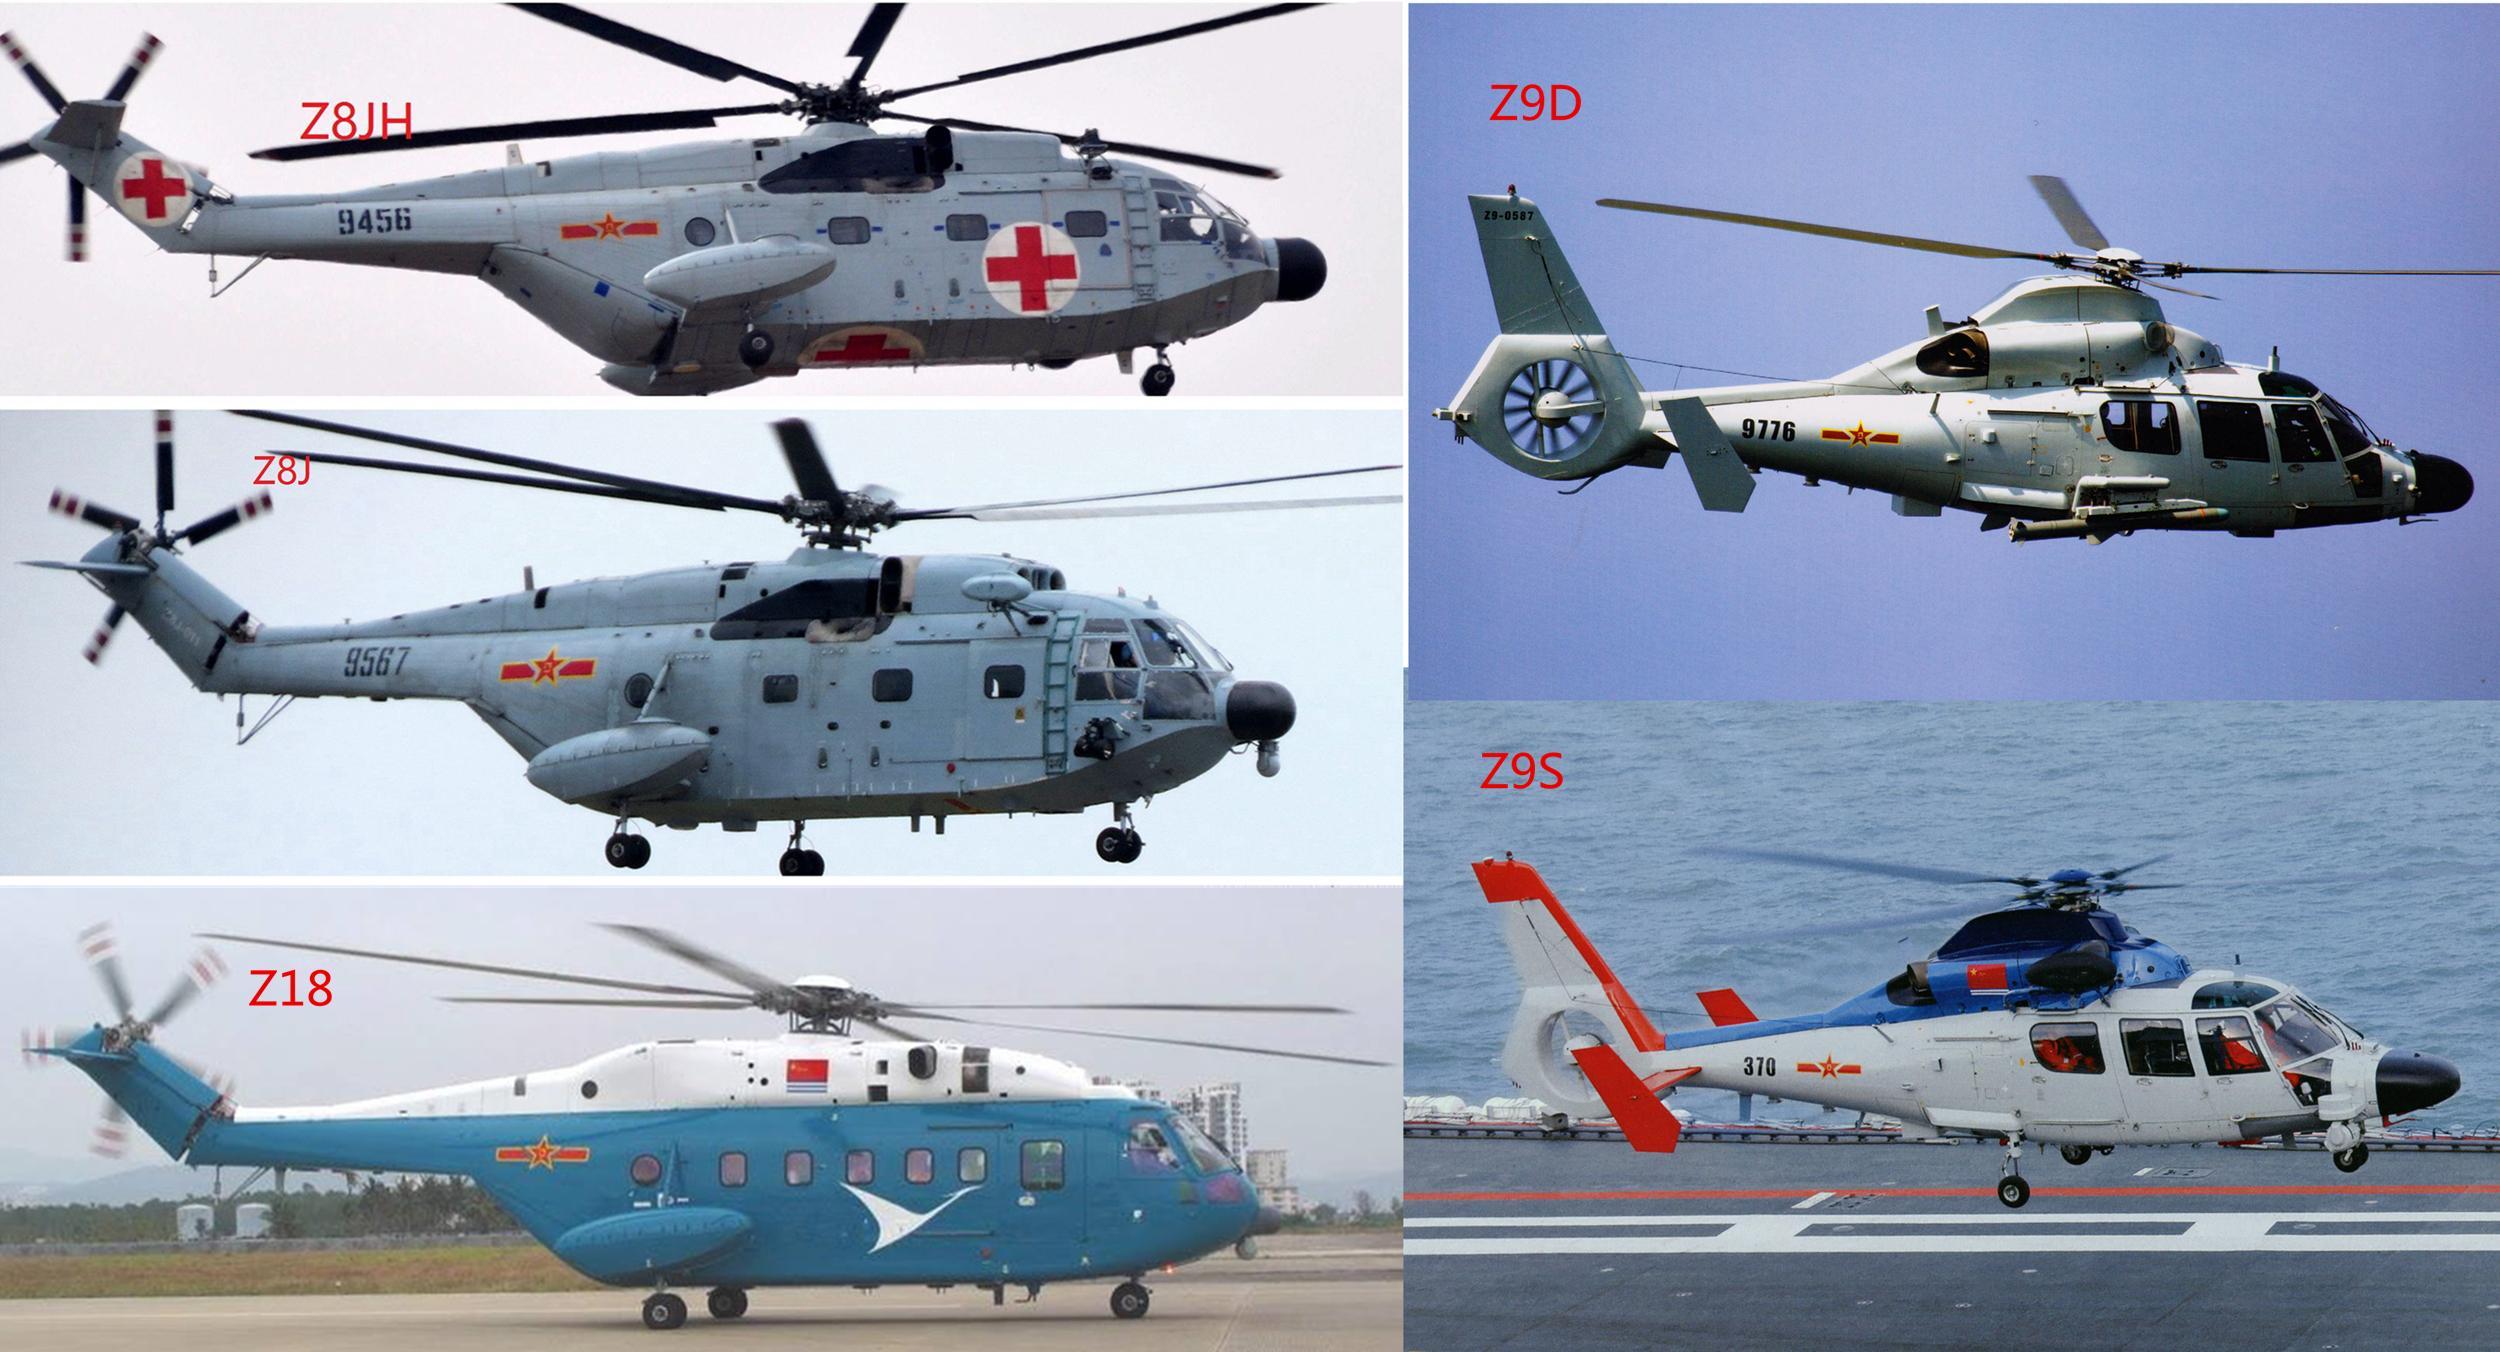 重型直升机_浅析075型两栖攻击舰部分技术性能(三) - 知乎